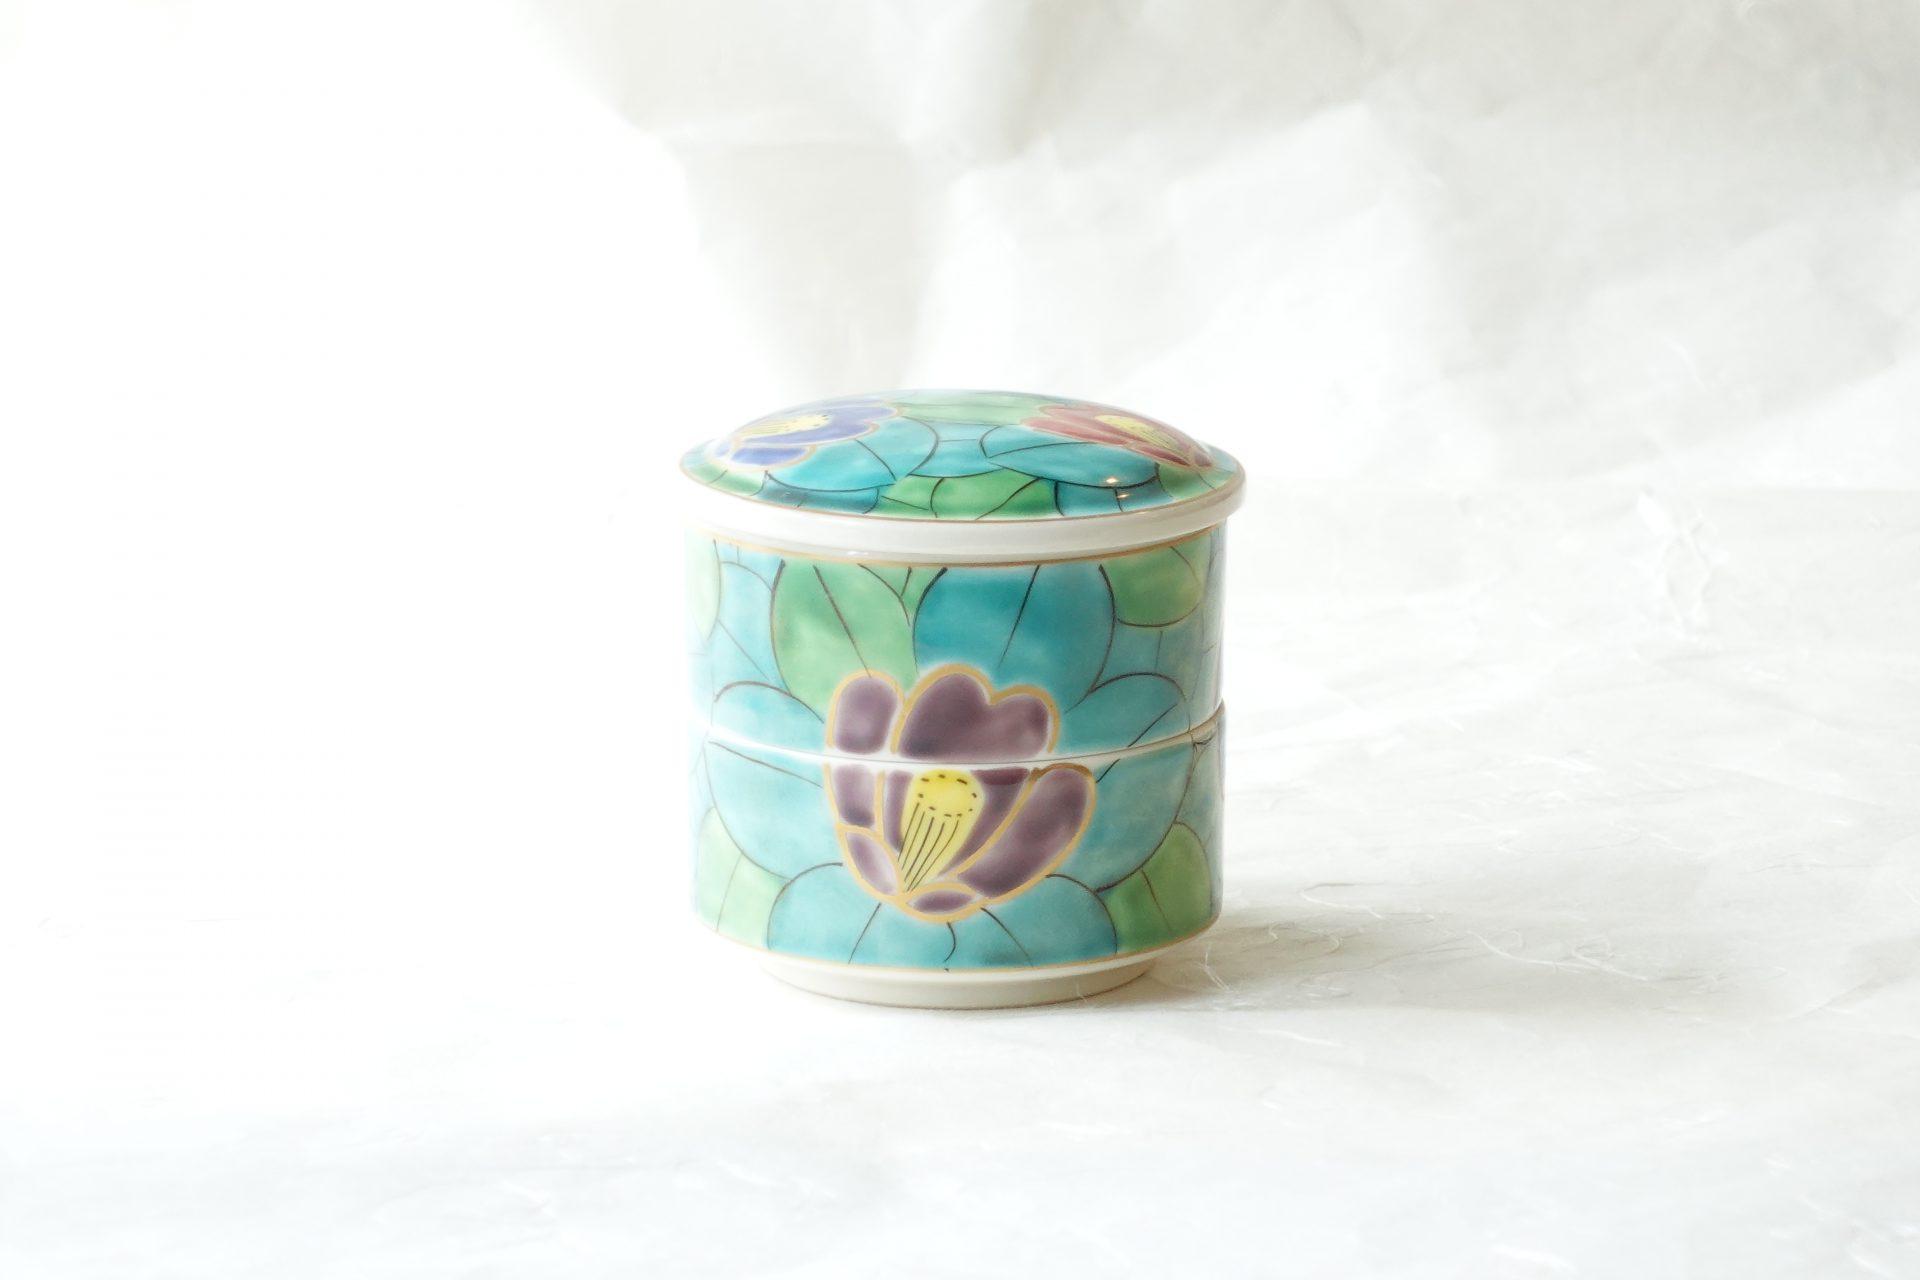 陶磁器 清水焼 手描き 椿 二段 蓋物 豪華 つくだ煮 漬物 小さな食材 そのまま食卓へ 小ぶり 小林漆陶 岐阜市